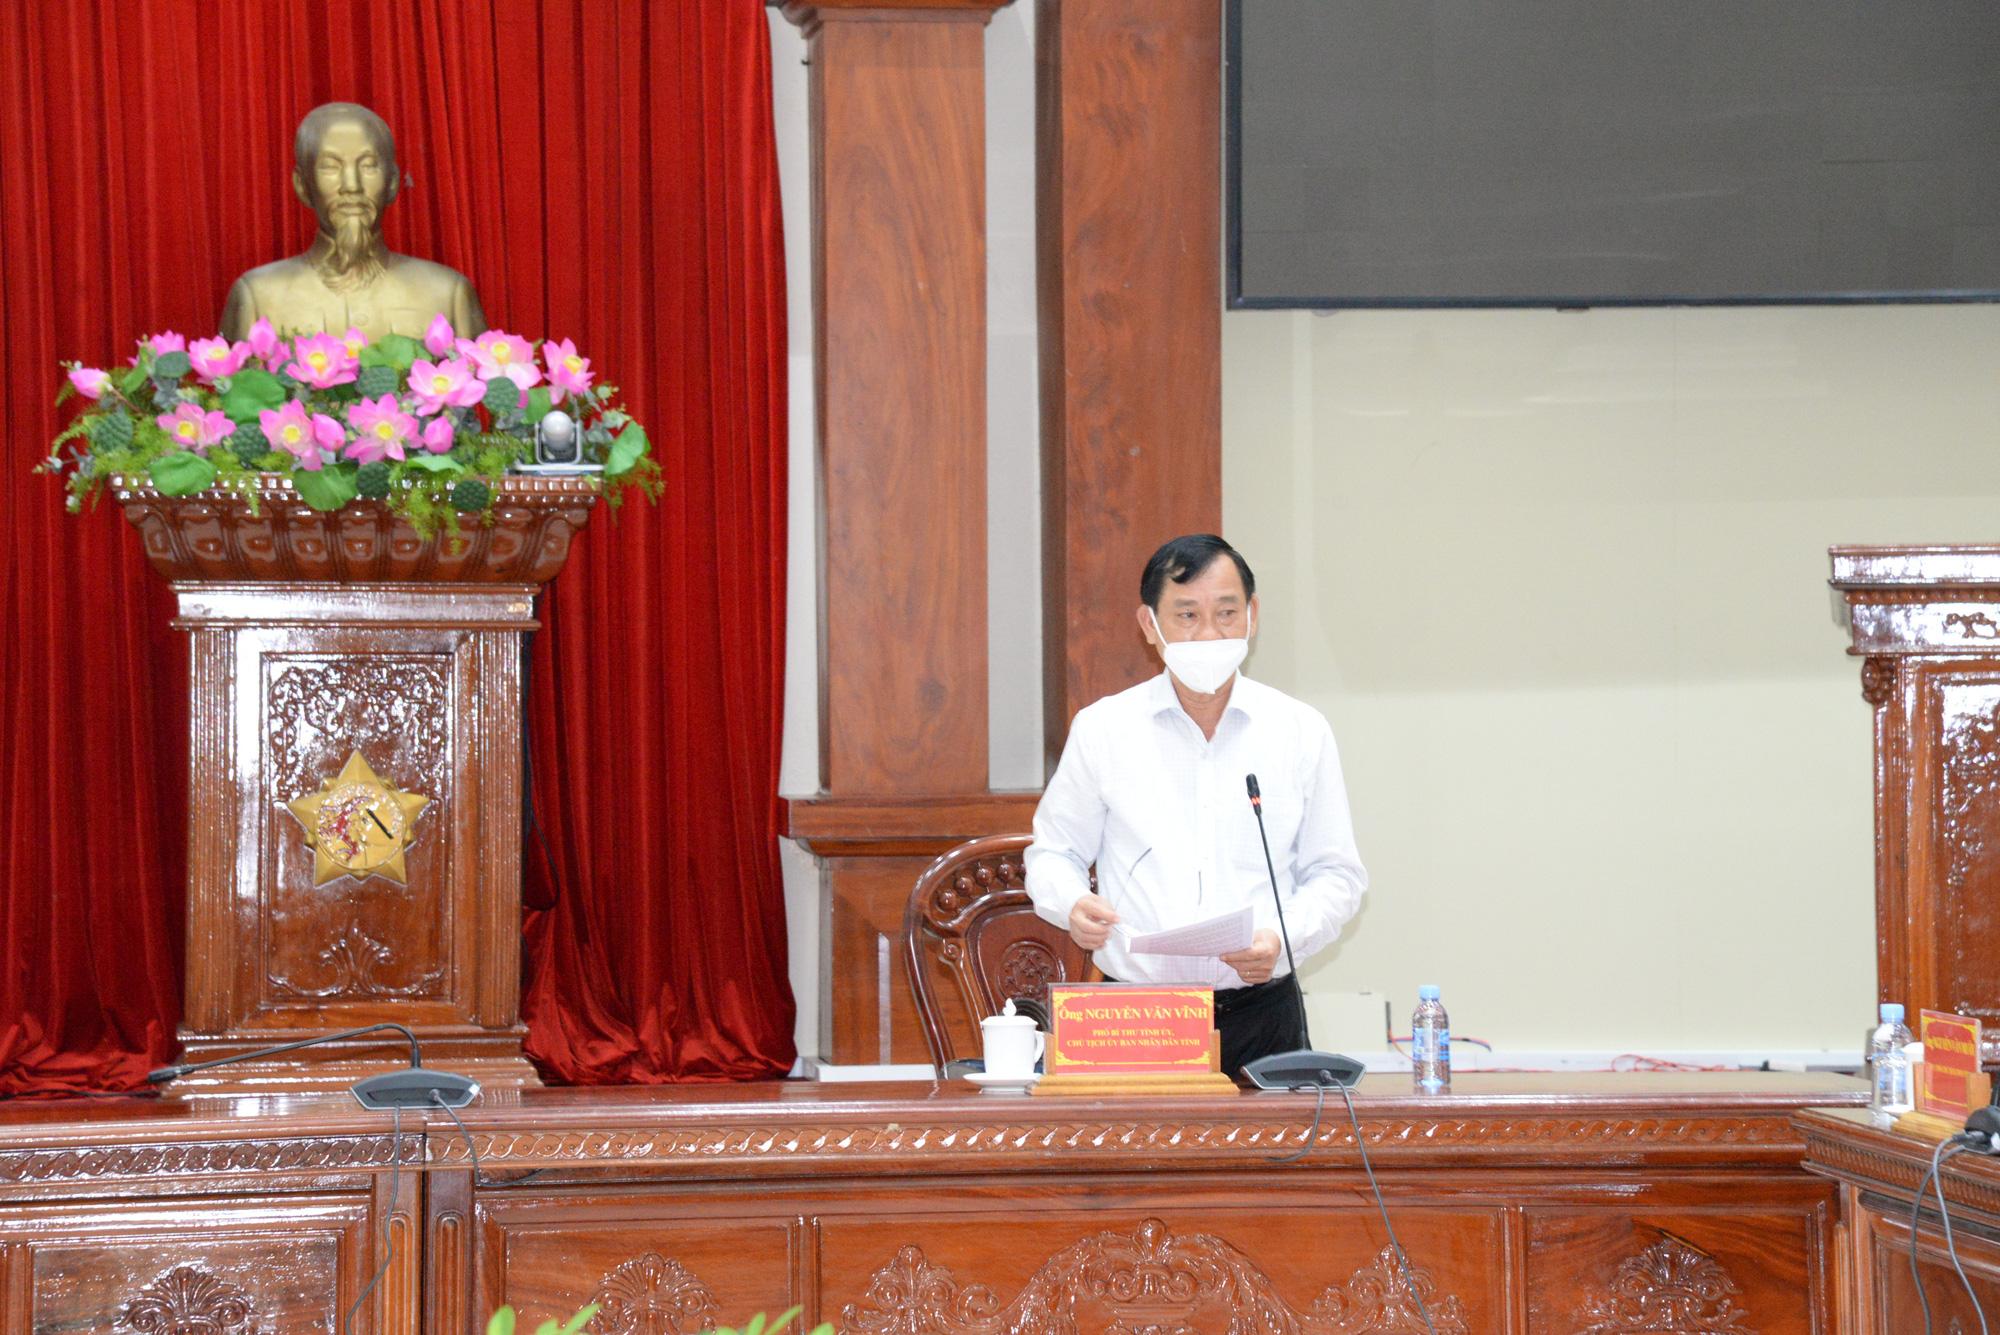 Bộ trưởng Bộ Y tế tiếp tục cử chuyên gia đầu ngành hỗ trợ Tiền Giang chống dịch COVID-19 - Ảnh 6.